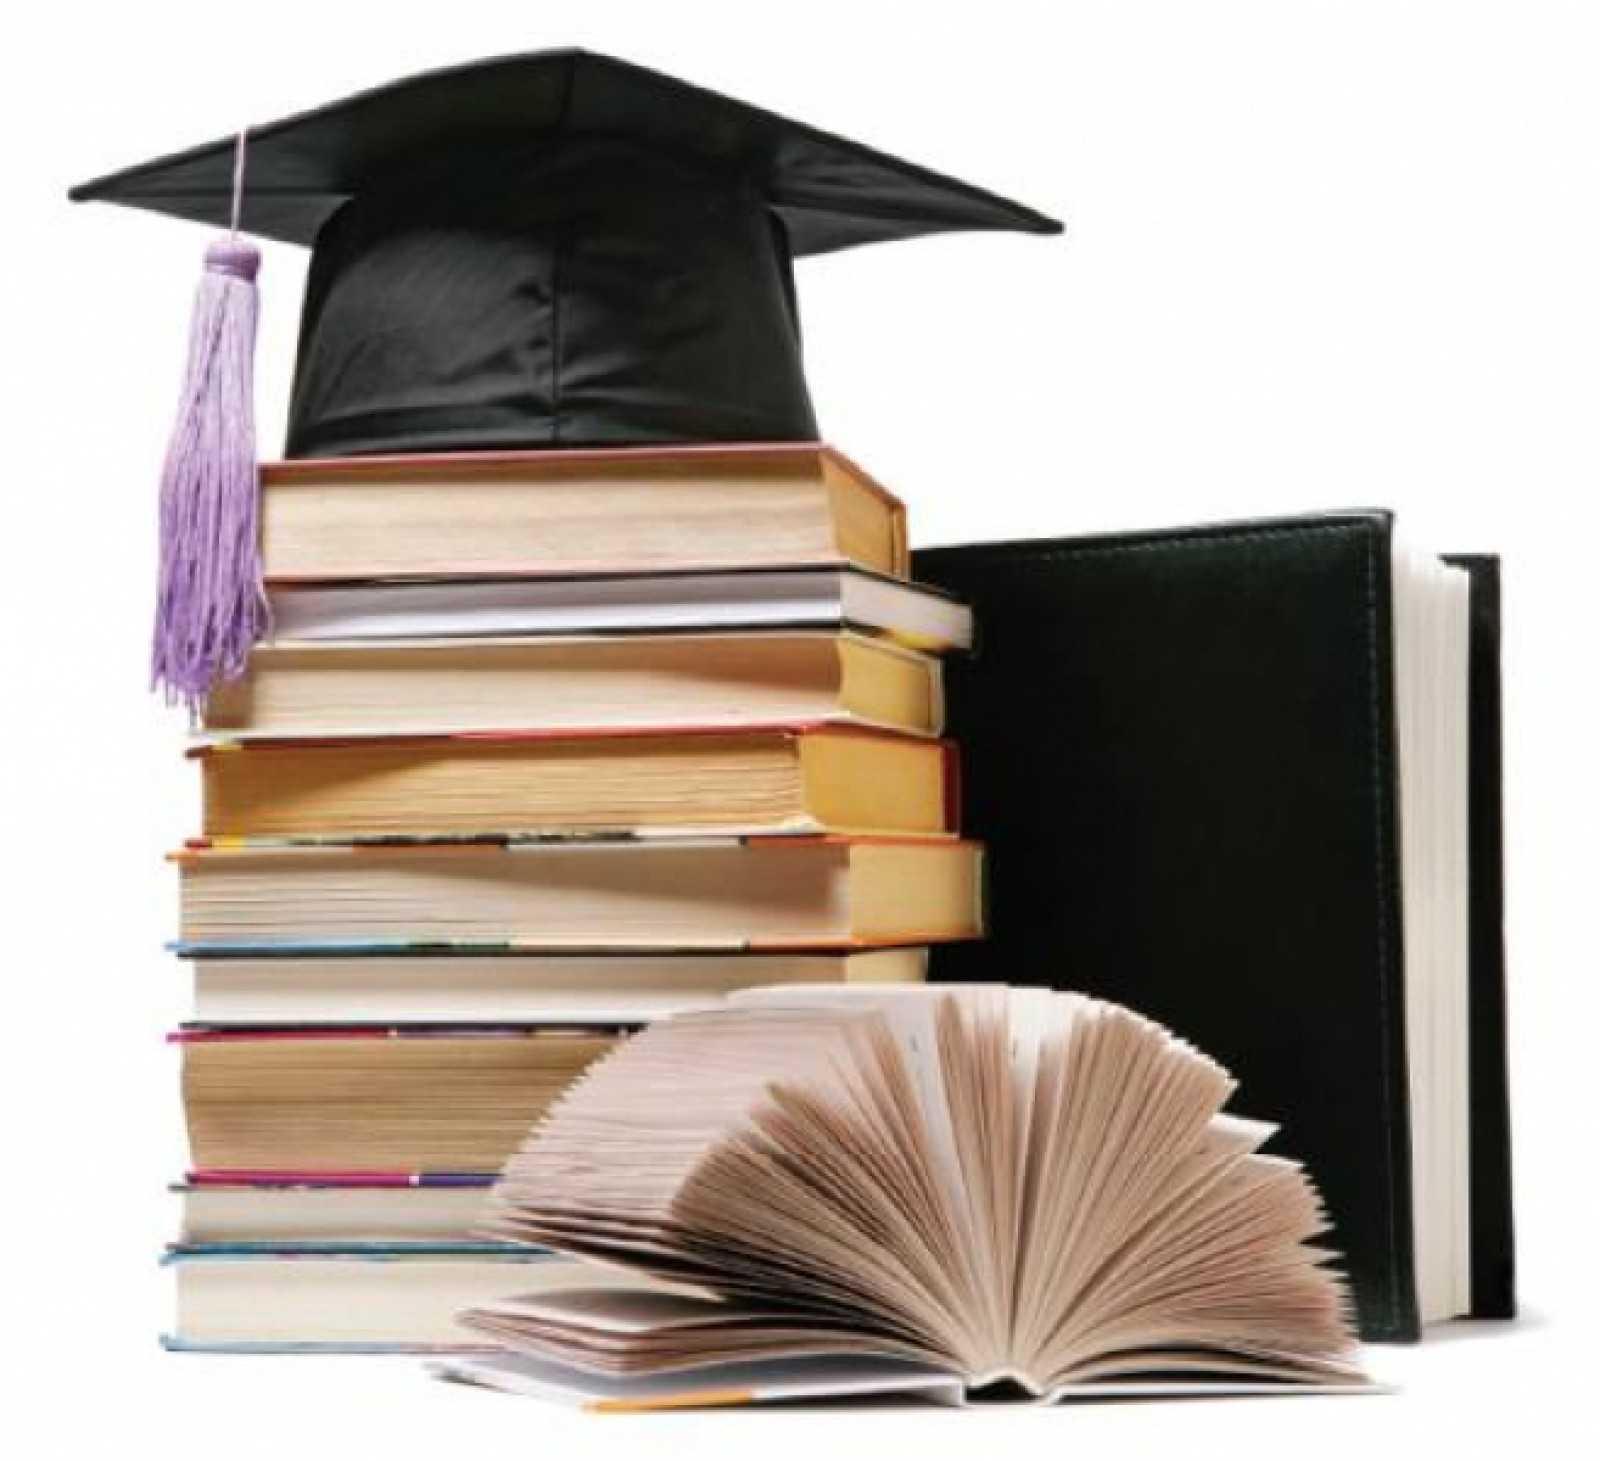 Астраханская область получит средства для развития системы независимой оценки качества образования